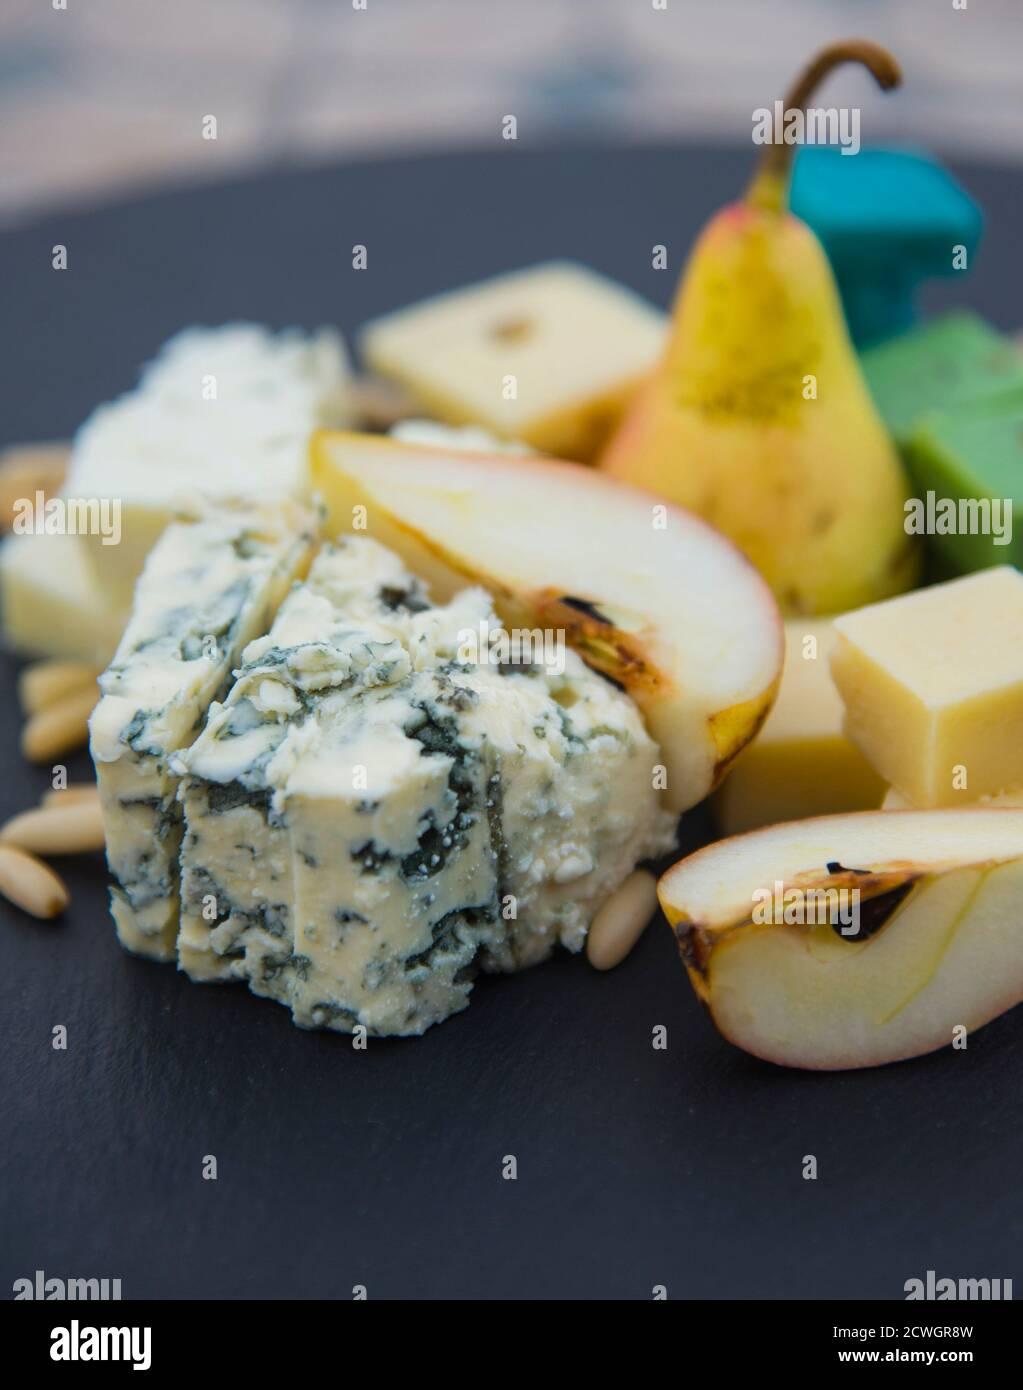 Morceaux de différents fromages, poires mûres et noix de pin. Produit laitier sur l'assiette noire Banque D'Images